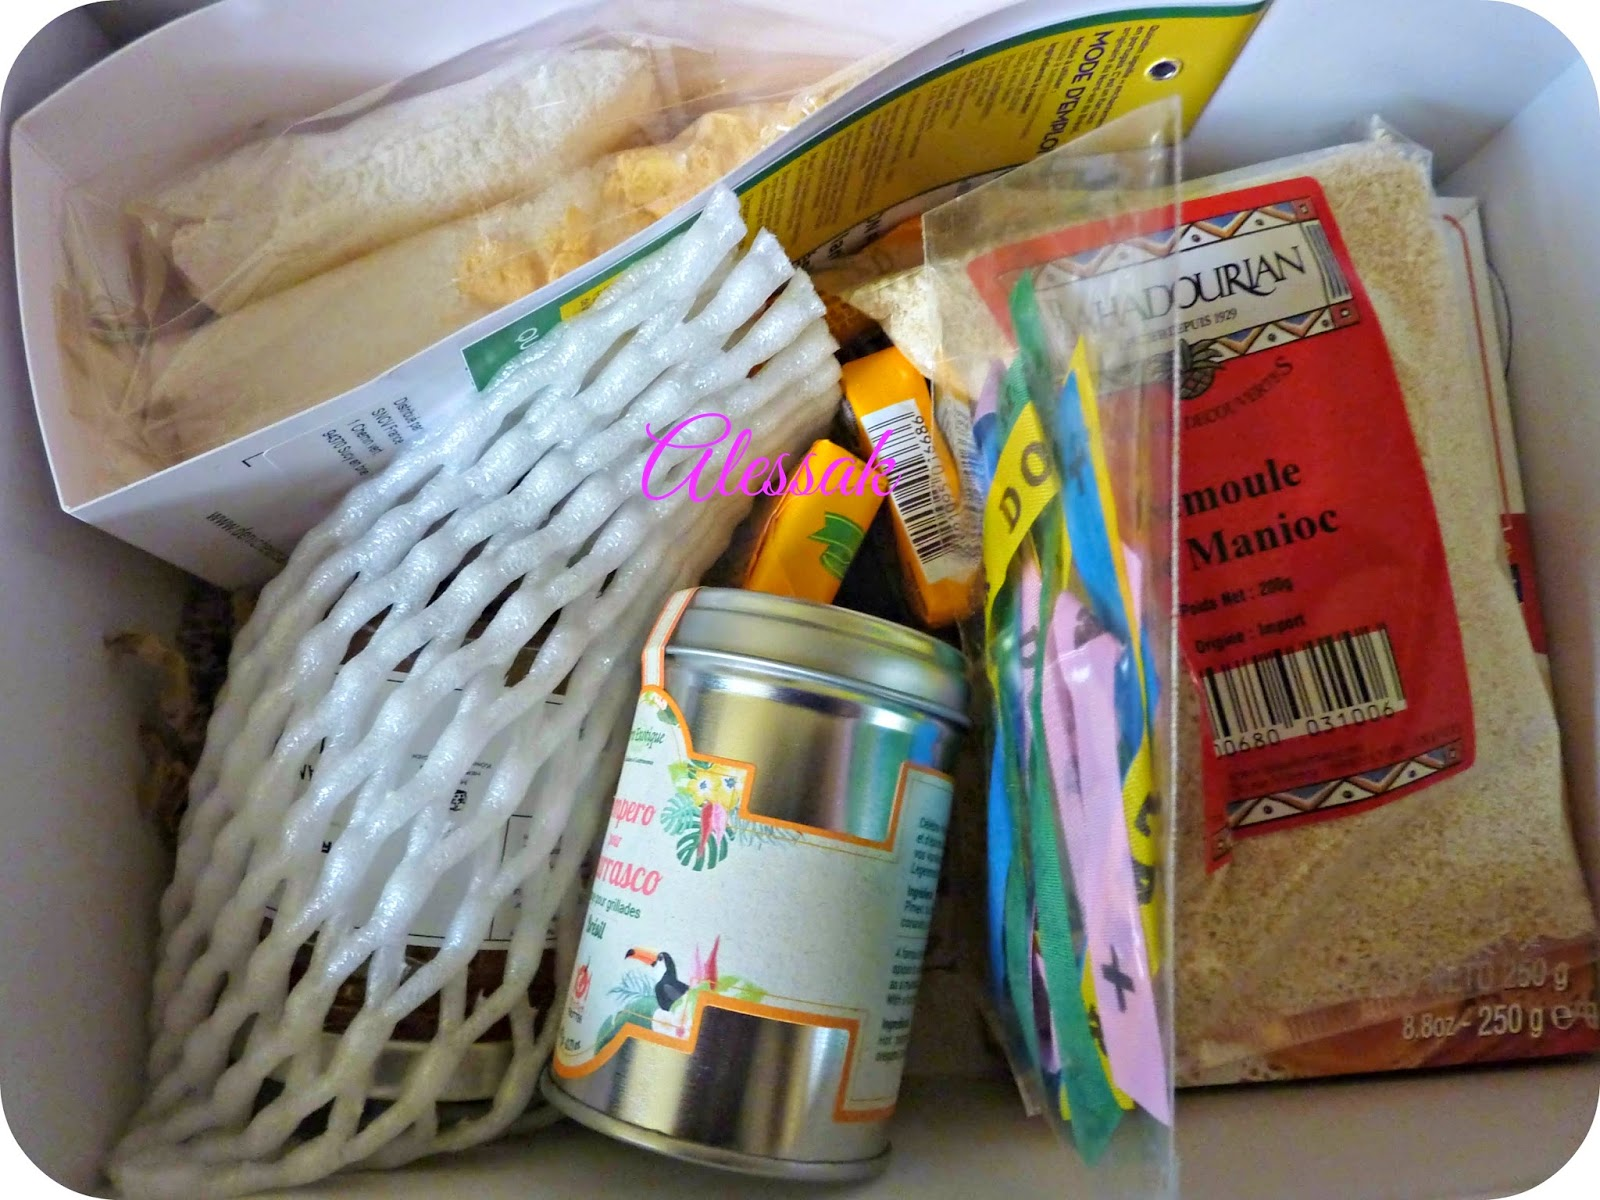 manioc, epices, confiture, noix de coco, cacahuètes